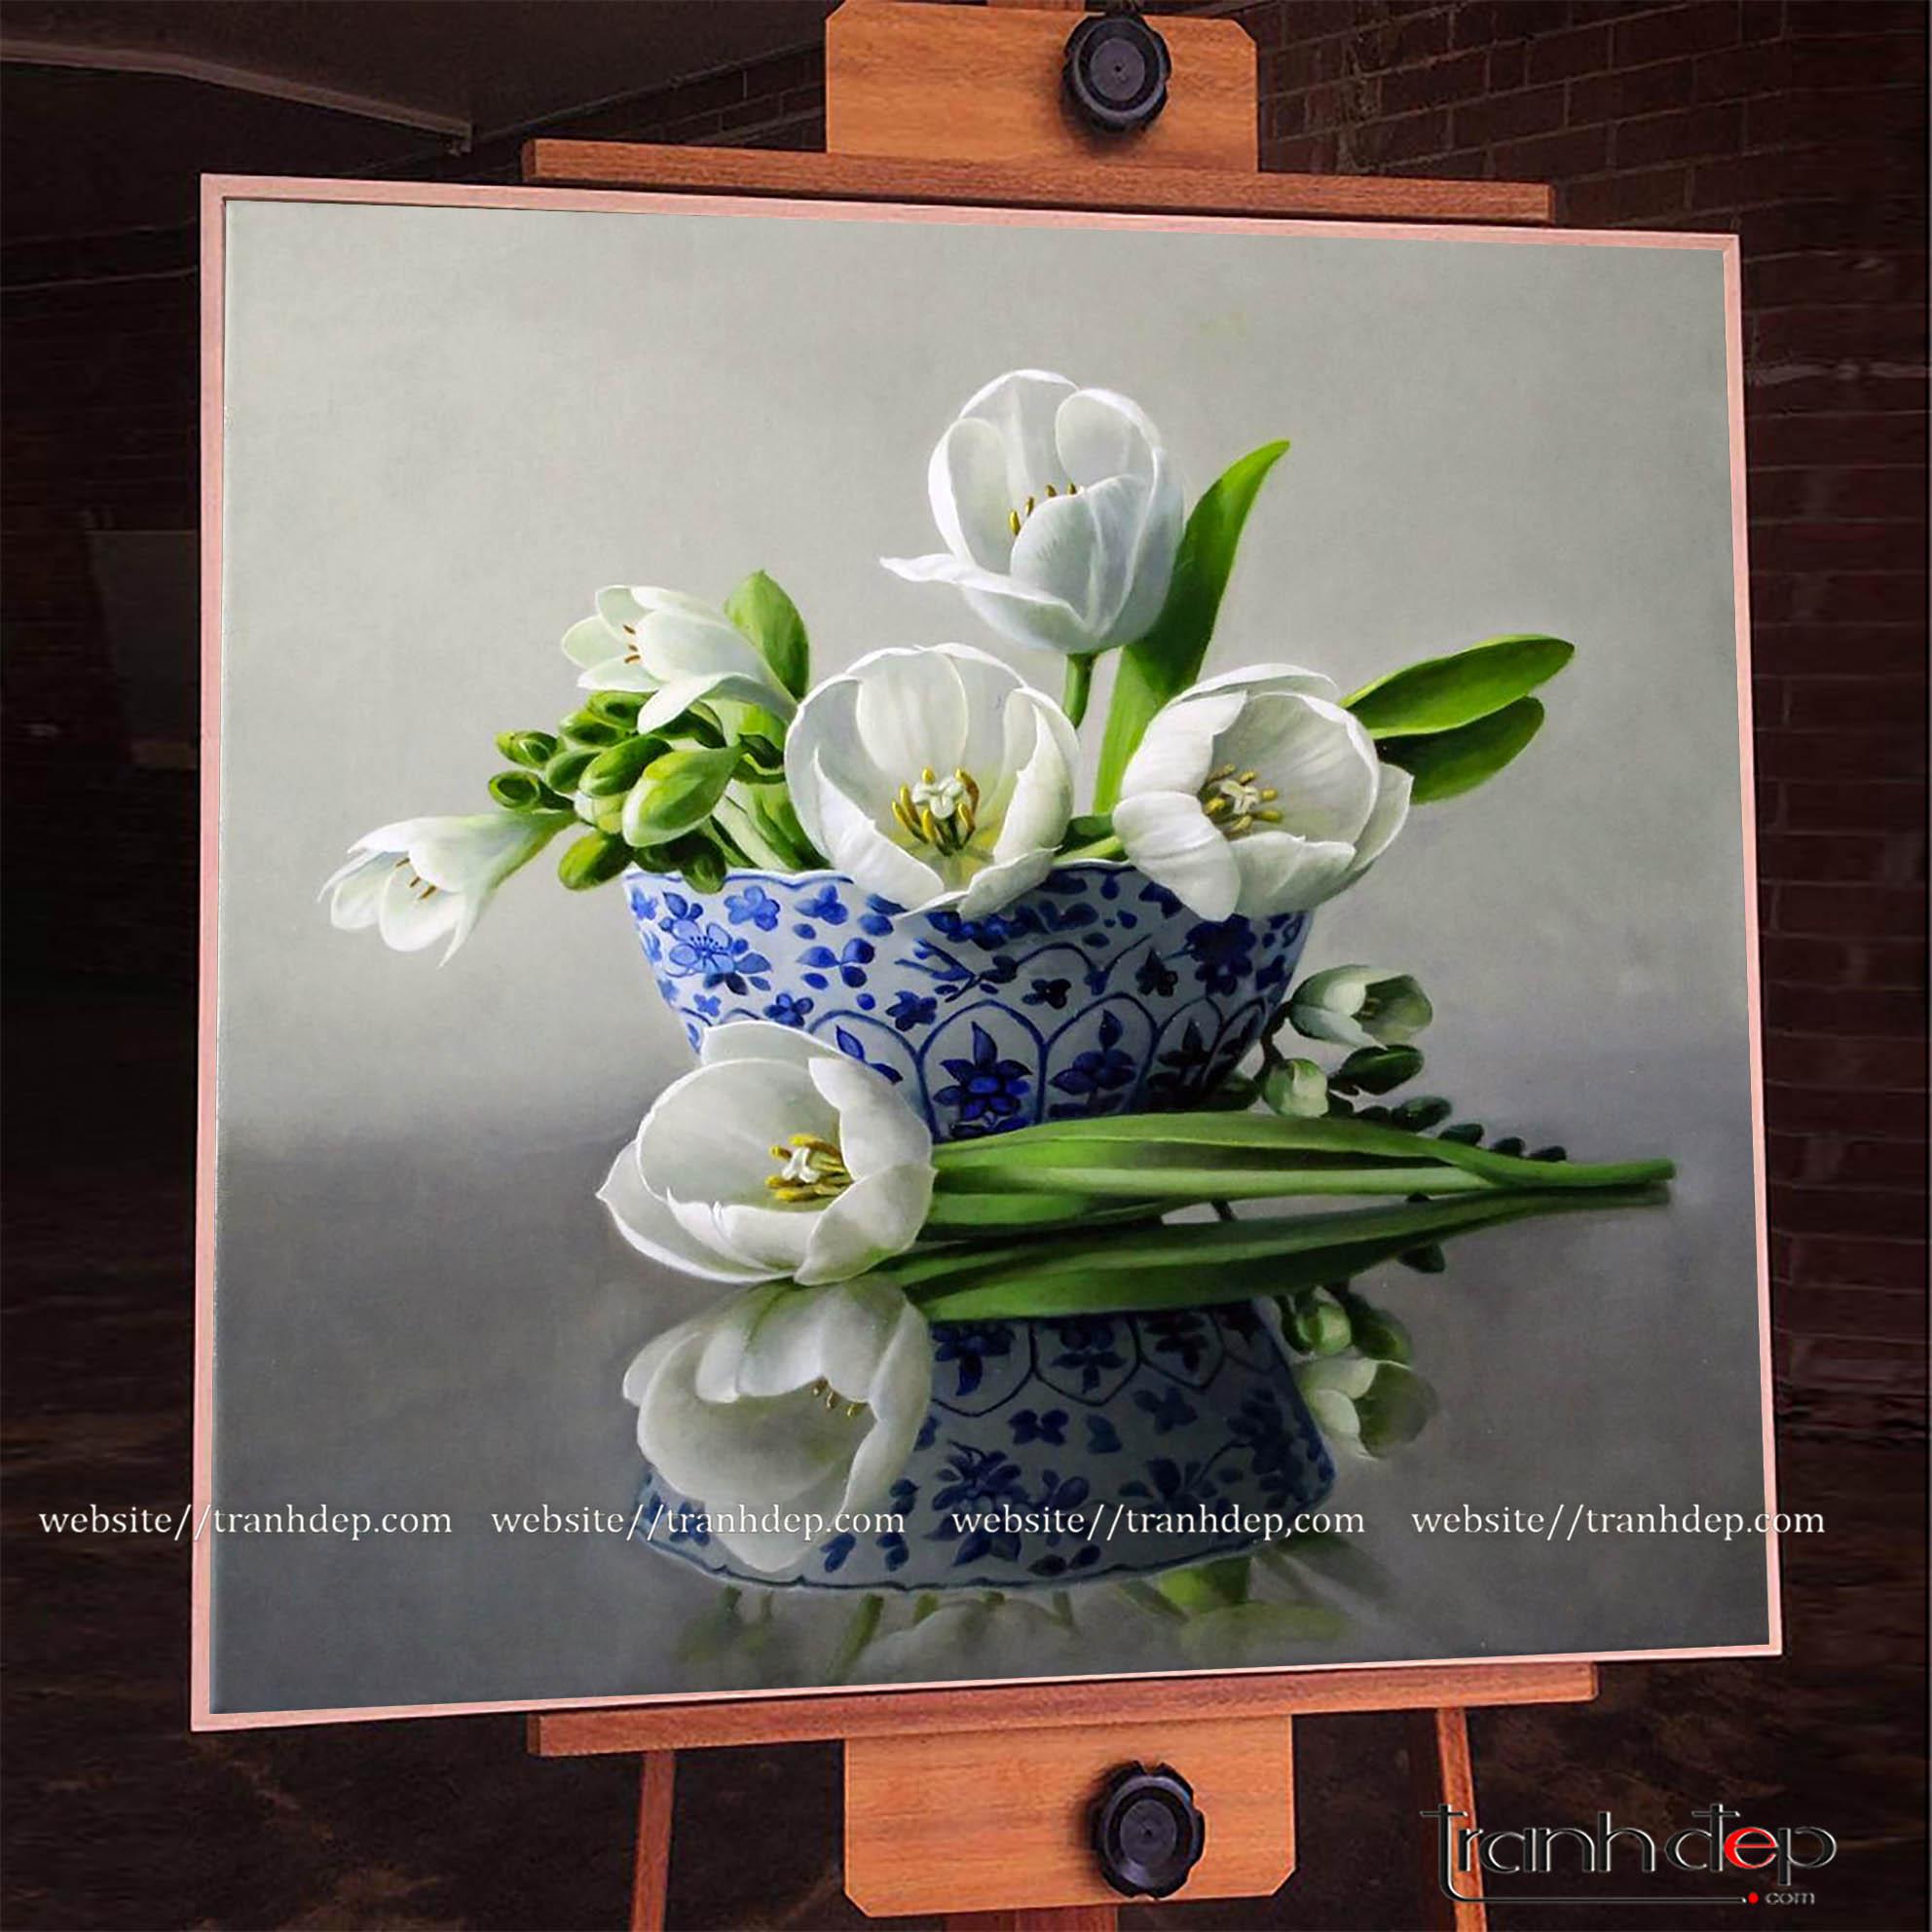 Tranh sơn dầu vẽ lọ hoa tulip đẹp